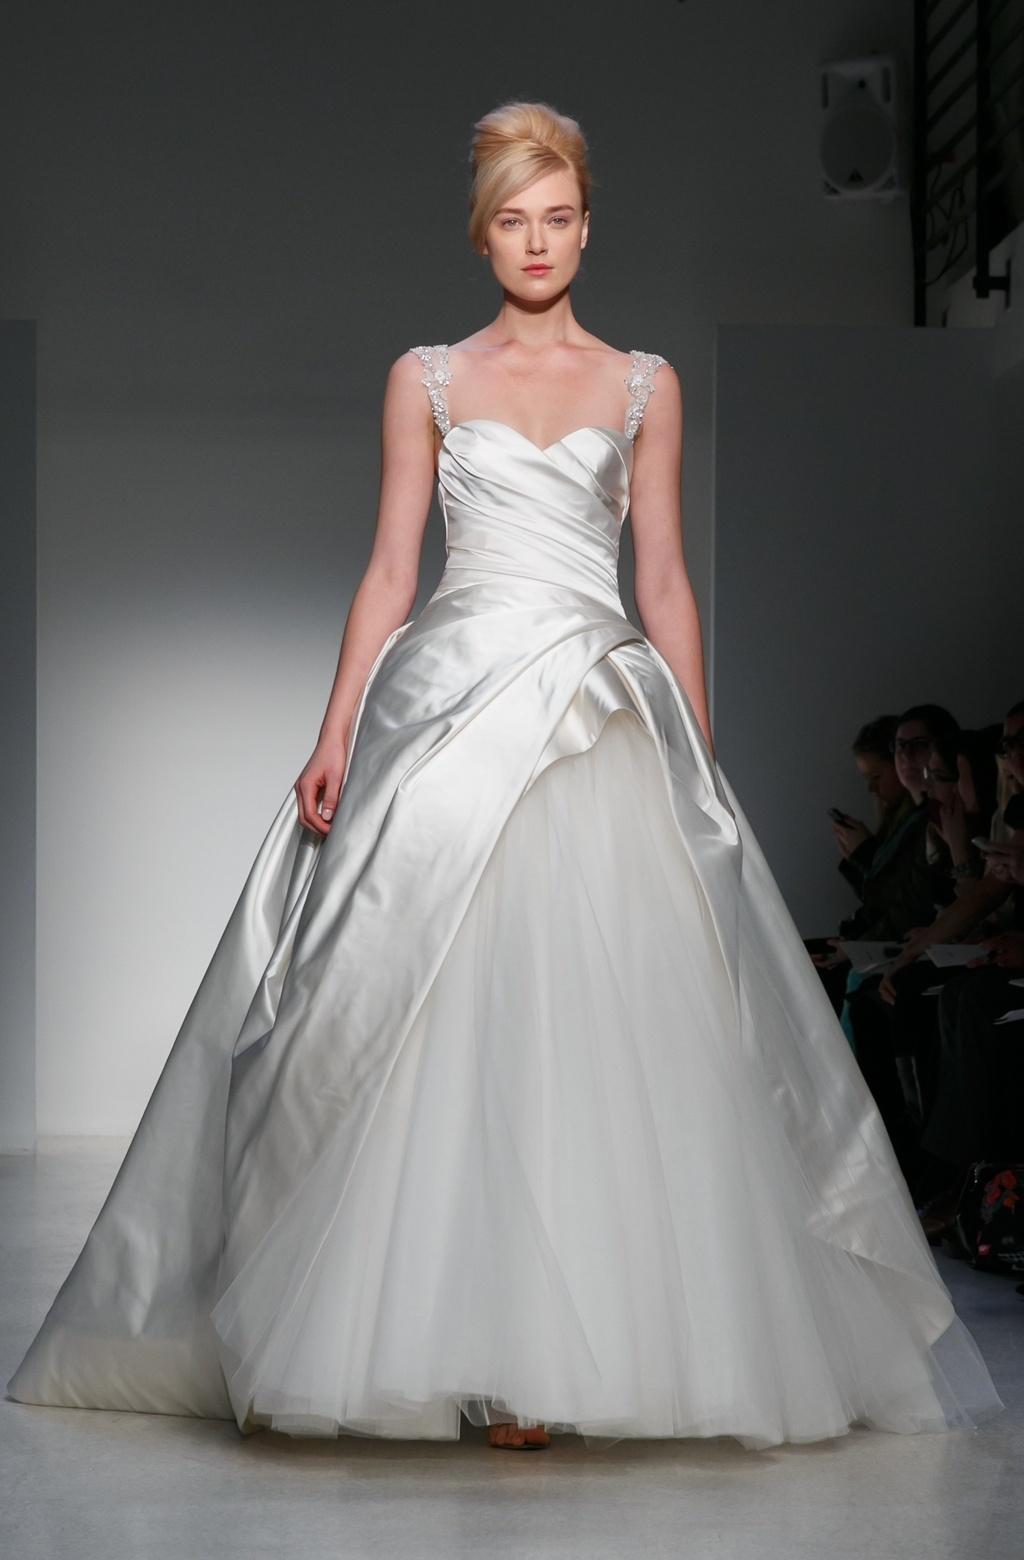 Fall-2013-wedding-dress-kenneth-pool-by-amsale-bridal-gowns-5.full